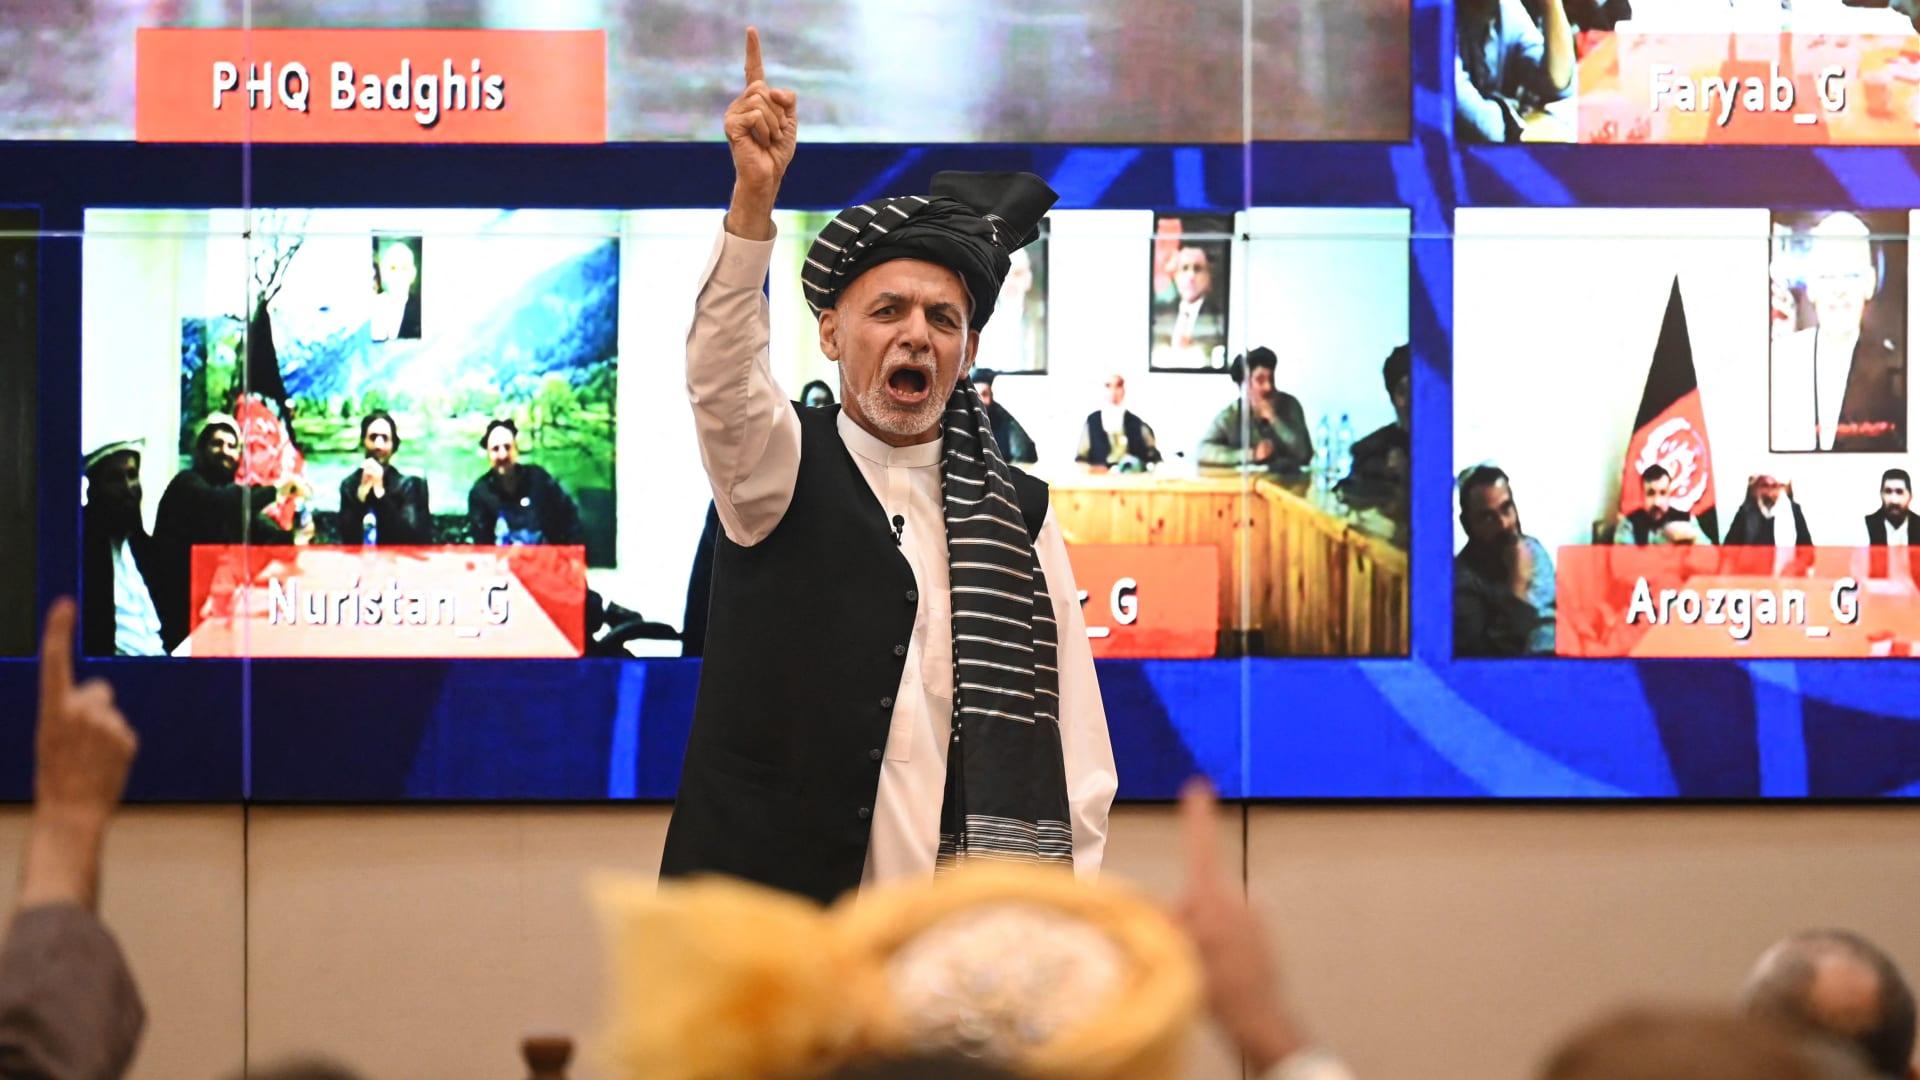 ليلة سقوط كابول.. مصدر يكشف لـCNN تفاصيل اللحظات الأخيرة وما طلبته أمريكا وطالبان من غني